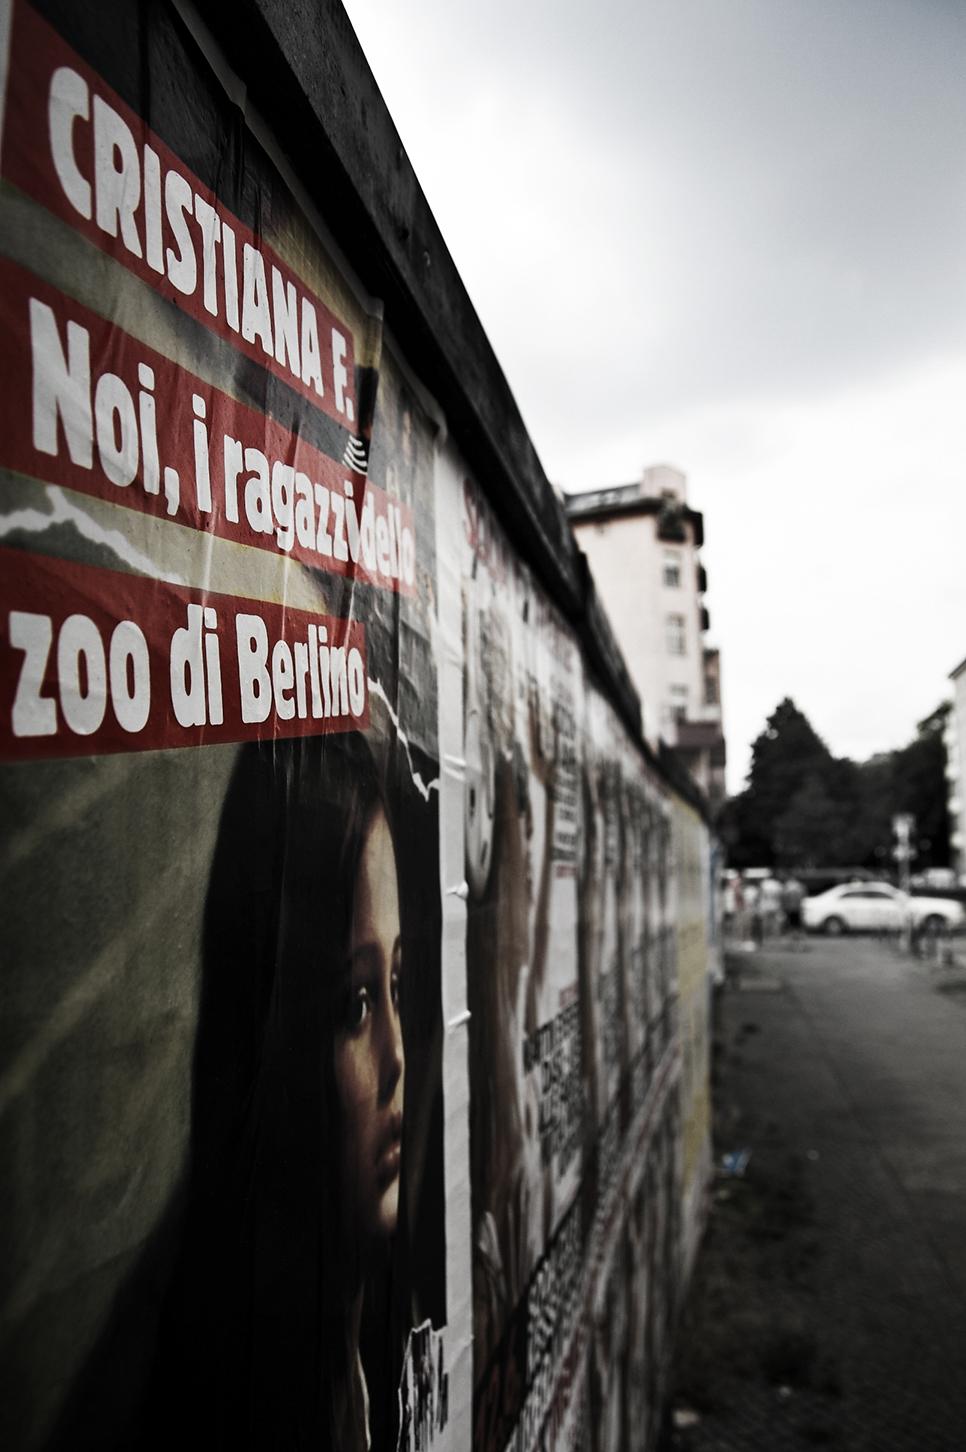 Poster appeso nelle strade di Berlino. Cristiana F. Noi, i ragazzi dello zoo di Berlino